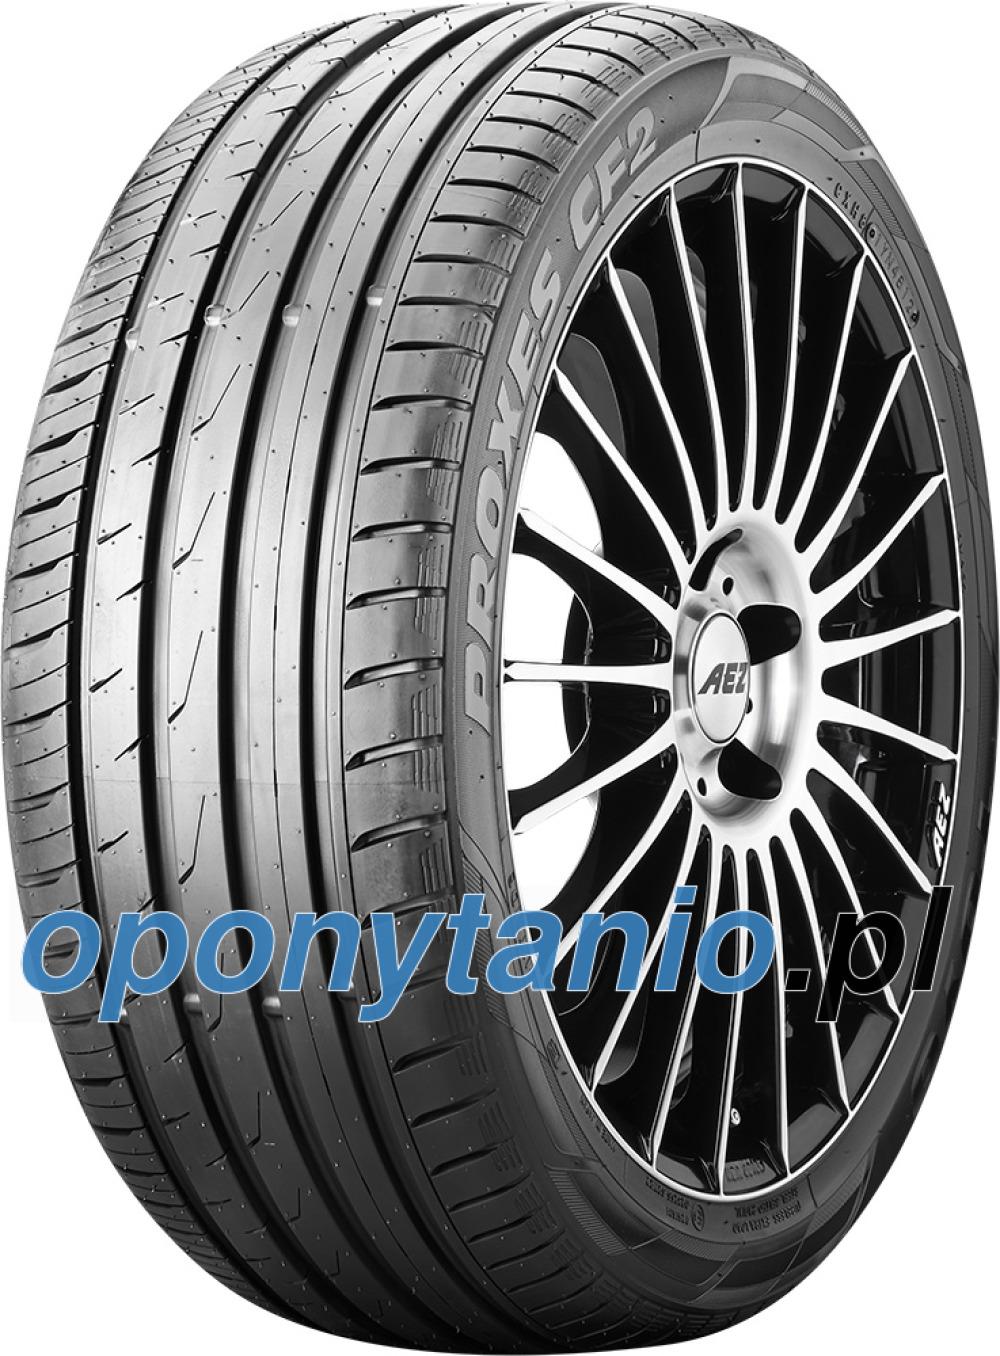 Toyo Proxes Cf2 20555 R16 91v Oponytaniopl